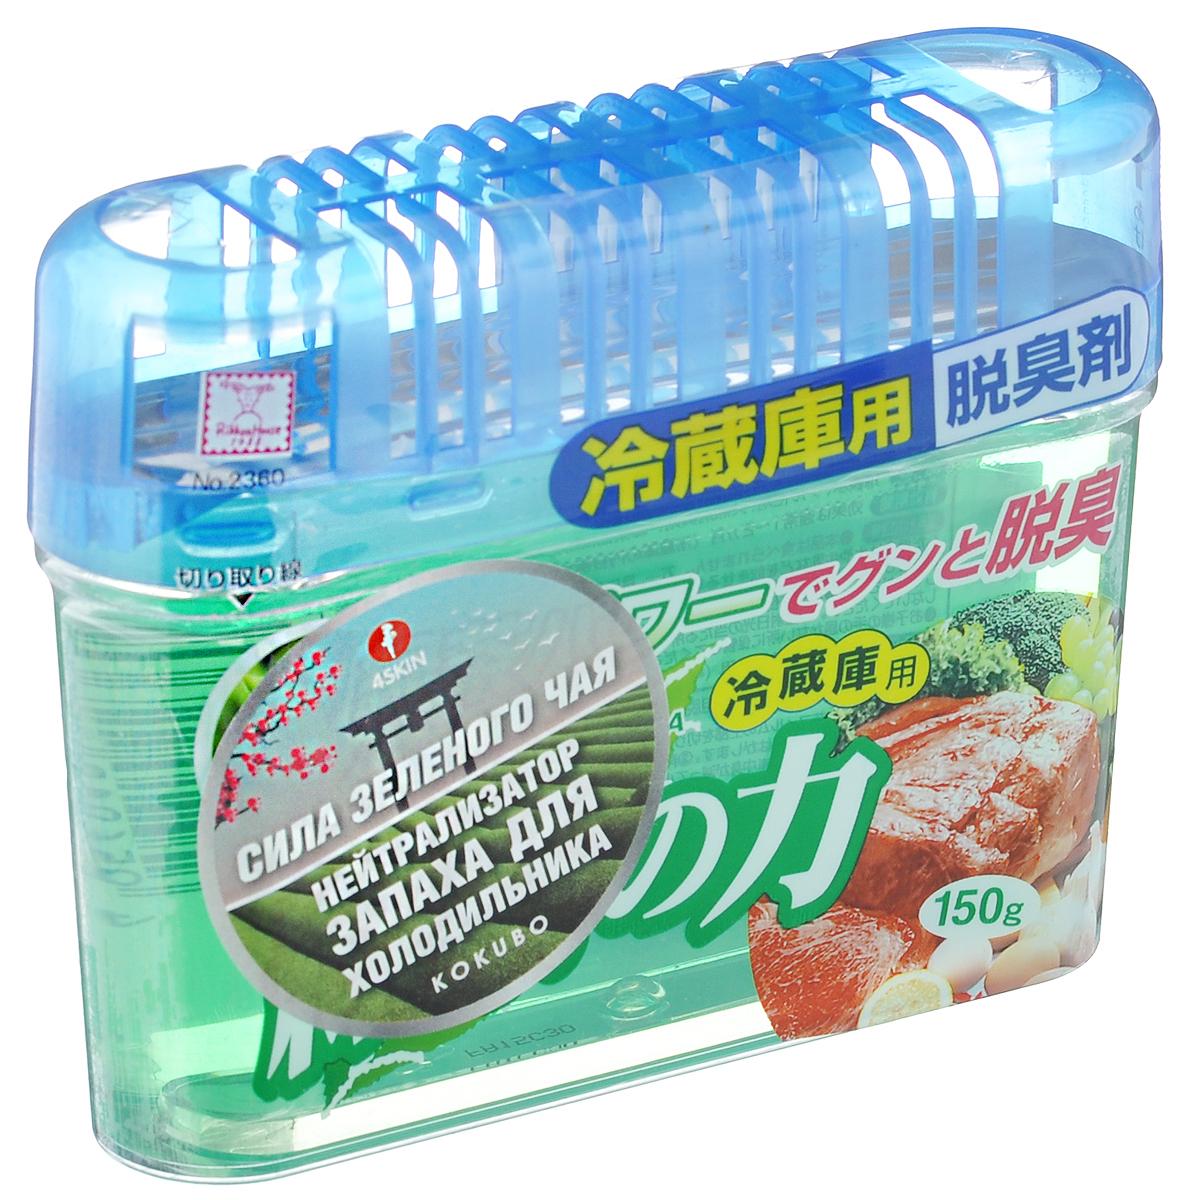 Нейтрализатор запахов для холодильника KOKUBO Сила зеленого чая, 150 гВетерок 2ГФНейтрализатор запахов для холодильника KOKUBO Сила зеленого чая поглощает неприятные запахи, даже очень резкие и стойкие. Способствует долгому сохранению свежести и вкусовых качеств продуктов в холодильнике. Содержит экстракт зеленого чая, известный своим бактерицидным и антиоксидантным действием. Продолжительность действия до 2-х месяцев при объеме холодильника до 450-ти литров. Состав: очищенная вода, гелиевый наполнитель, натуральный дезодорант, экстракт зеленого чая. Вес: 150 г.